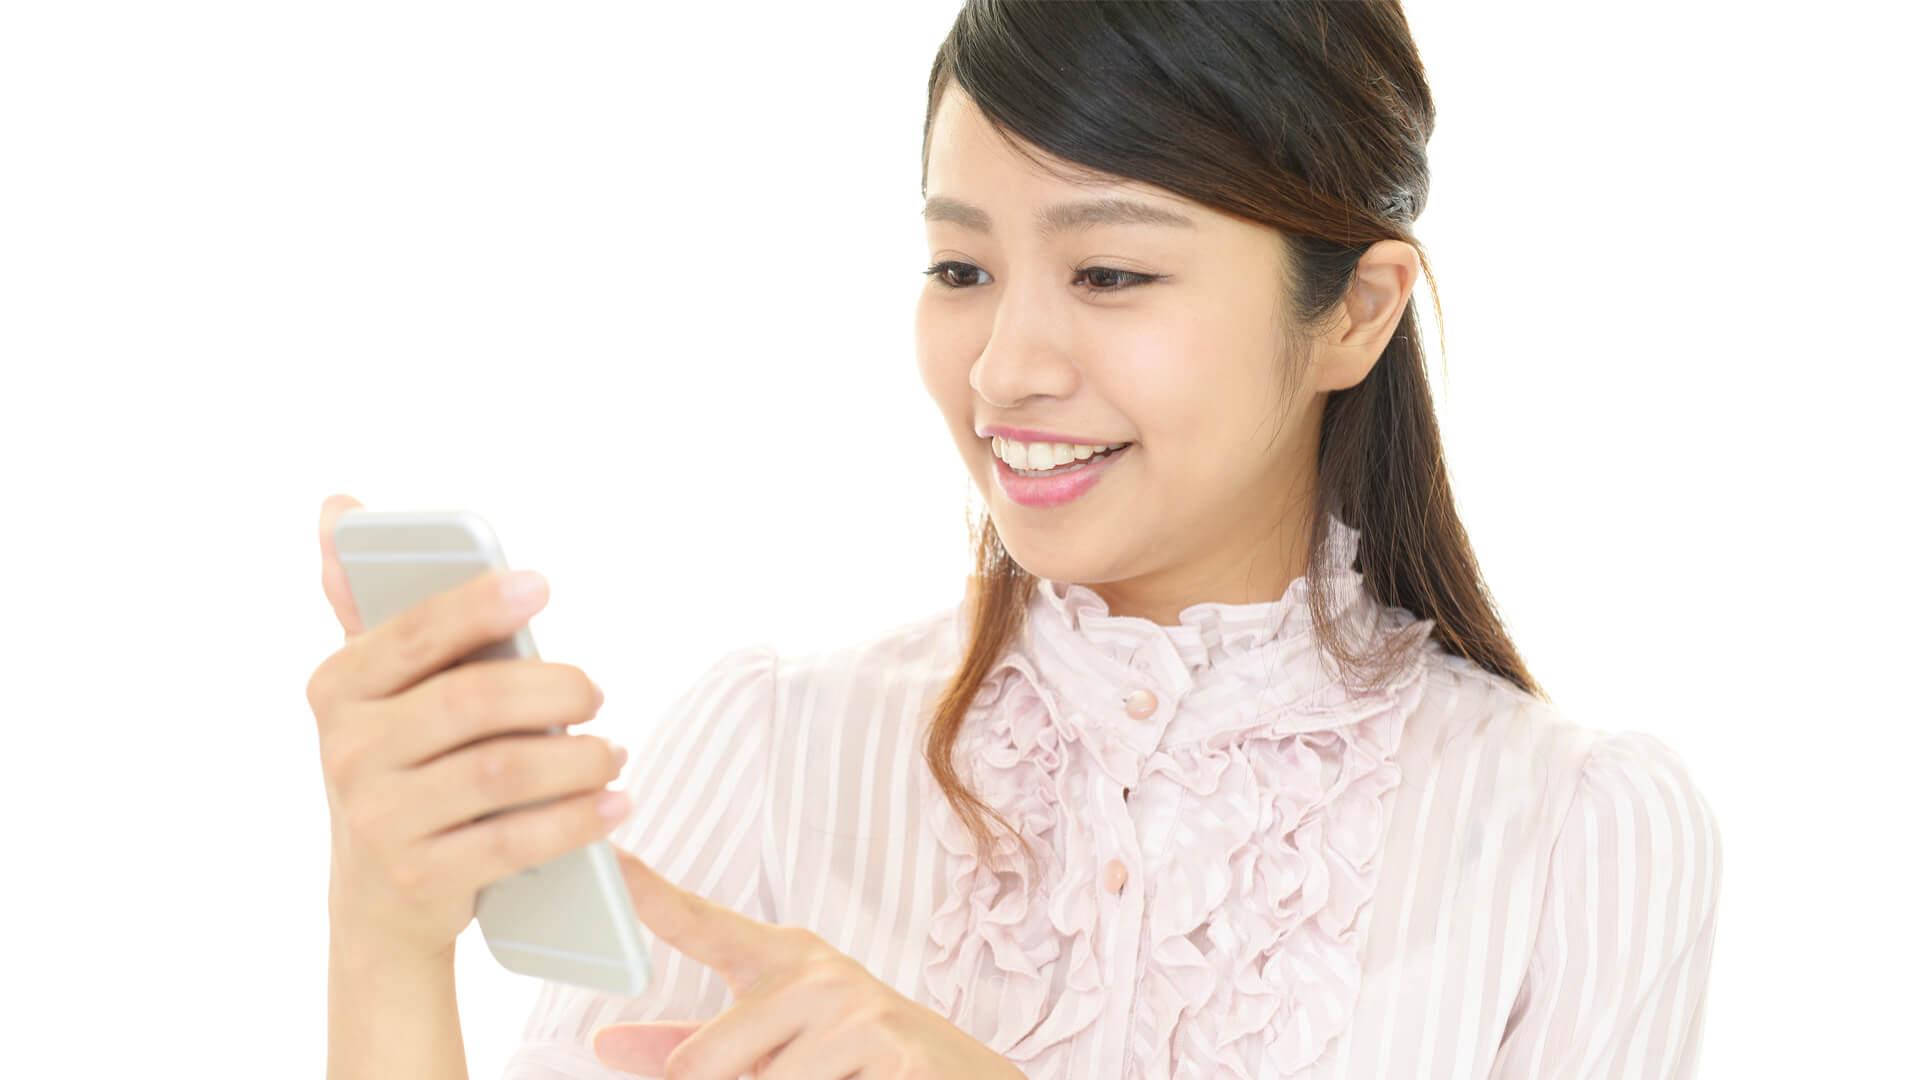 スマートフォンを使うイメージ